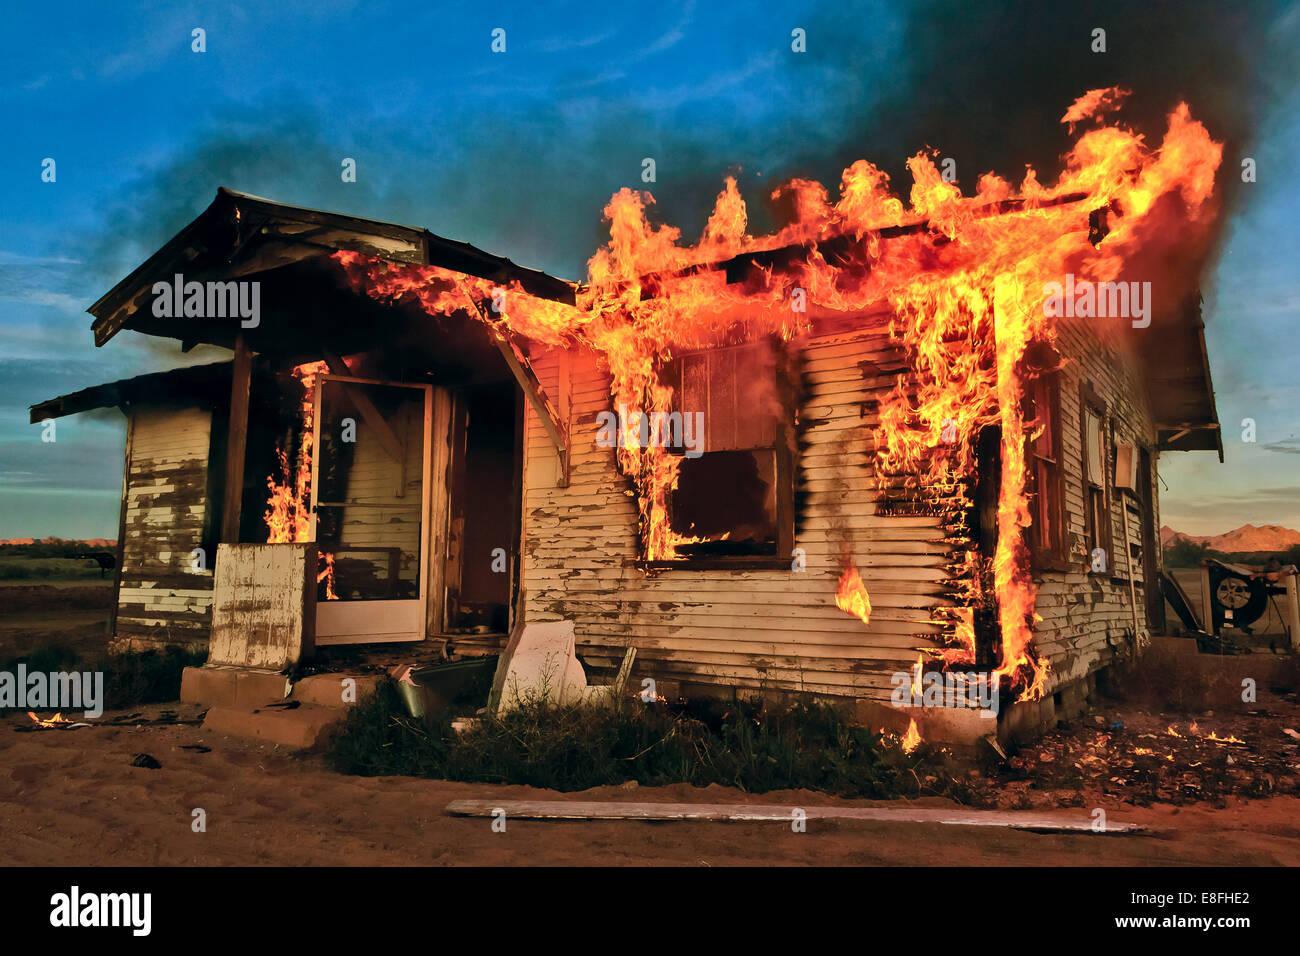 Casa abbandonata sul fuoco, Gila Bend, Arizona, America, STATI UNITI D'AMERICA Immagini Stock